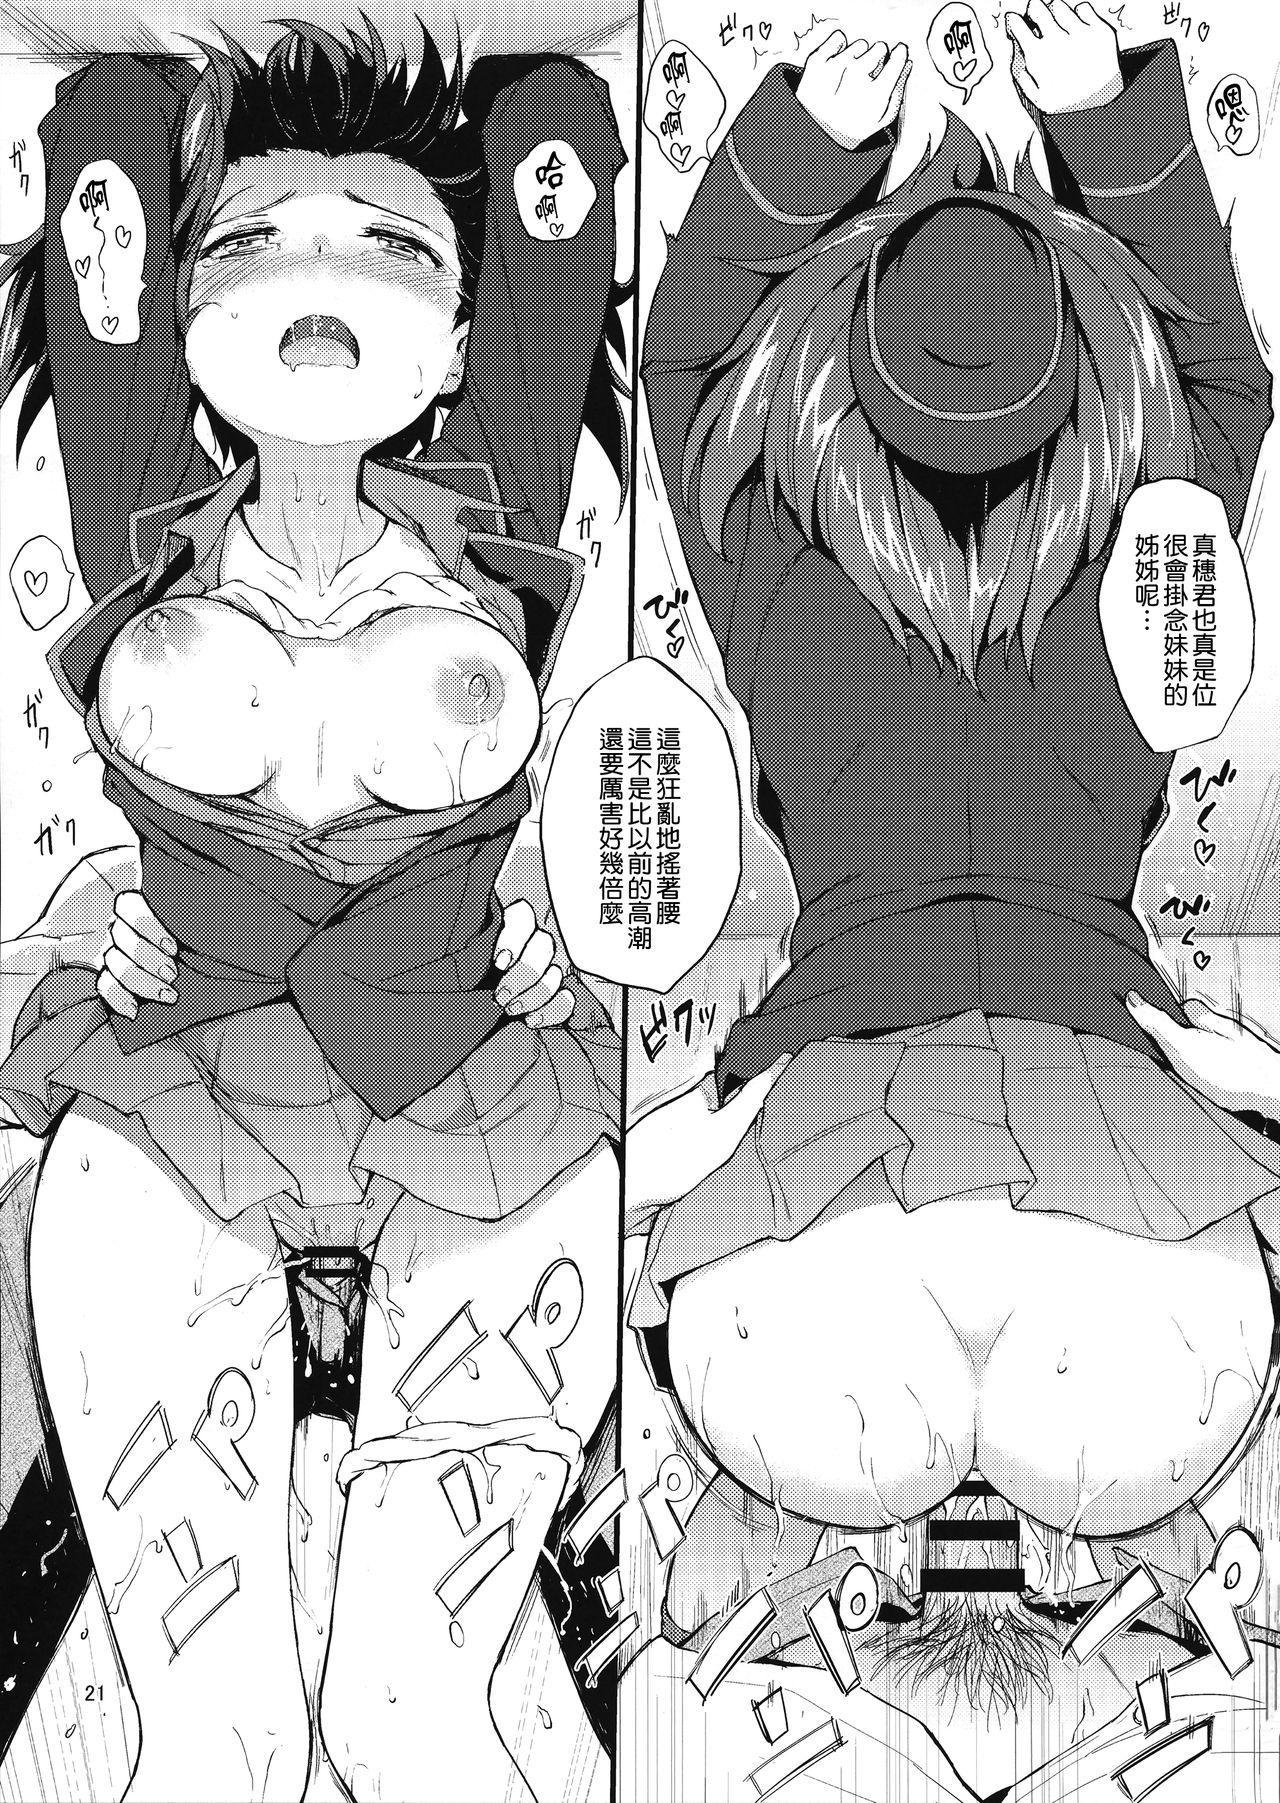 Nishizumi Shimai Ryoujoku 21